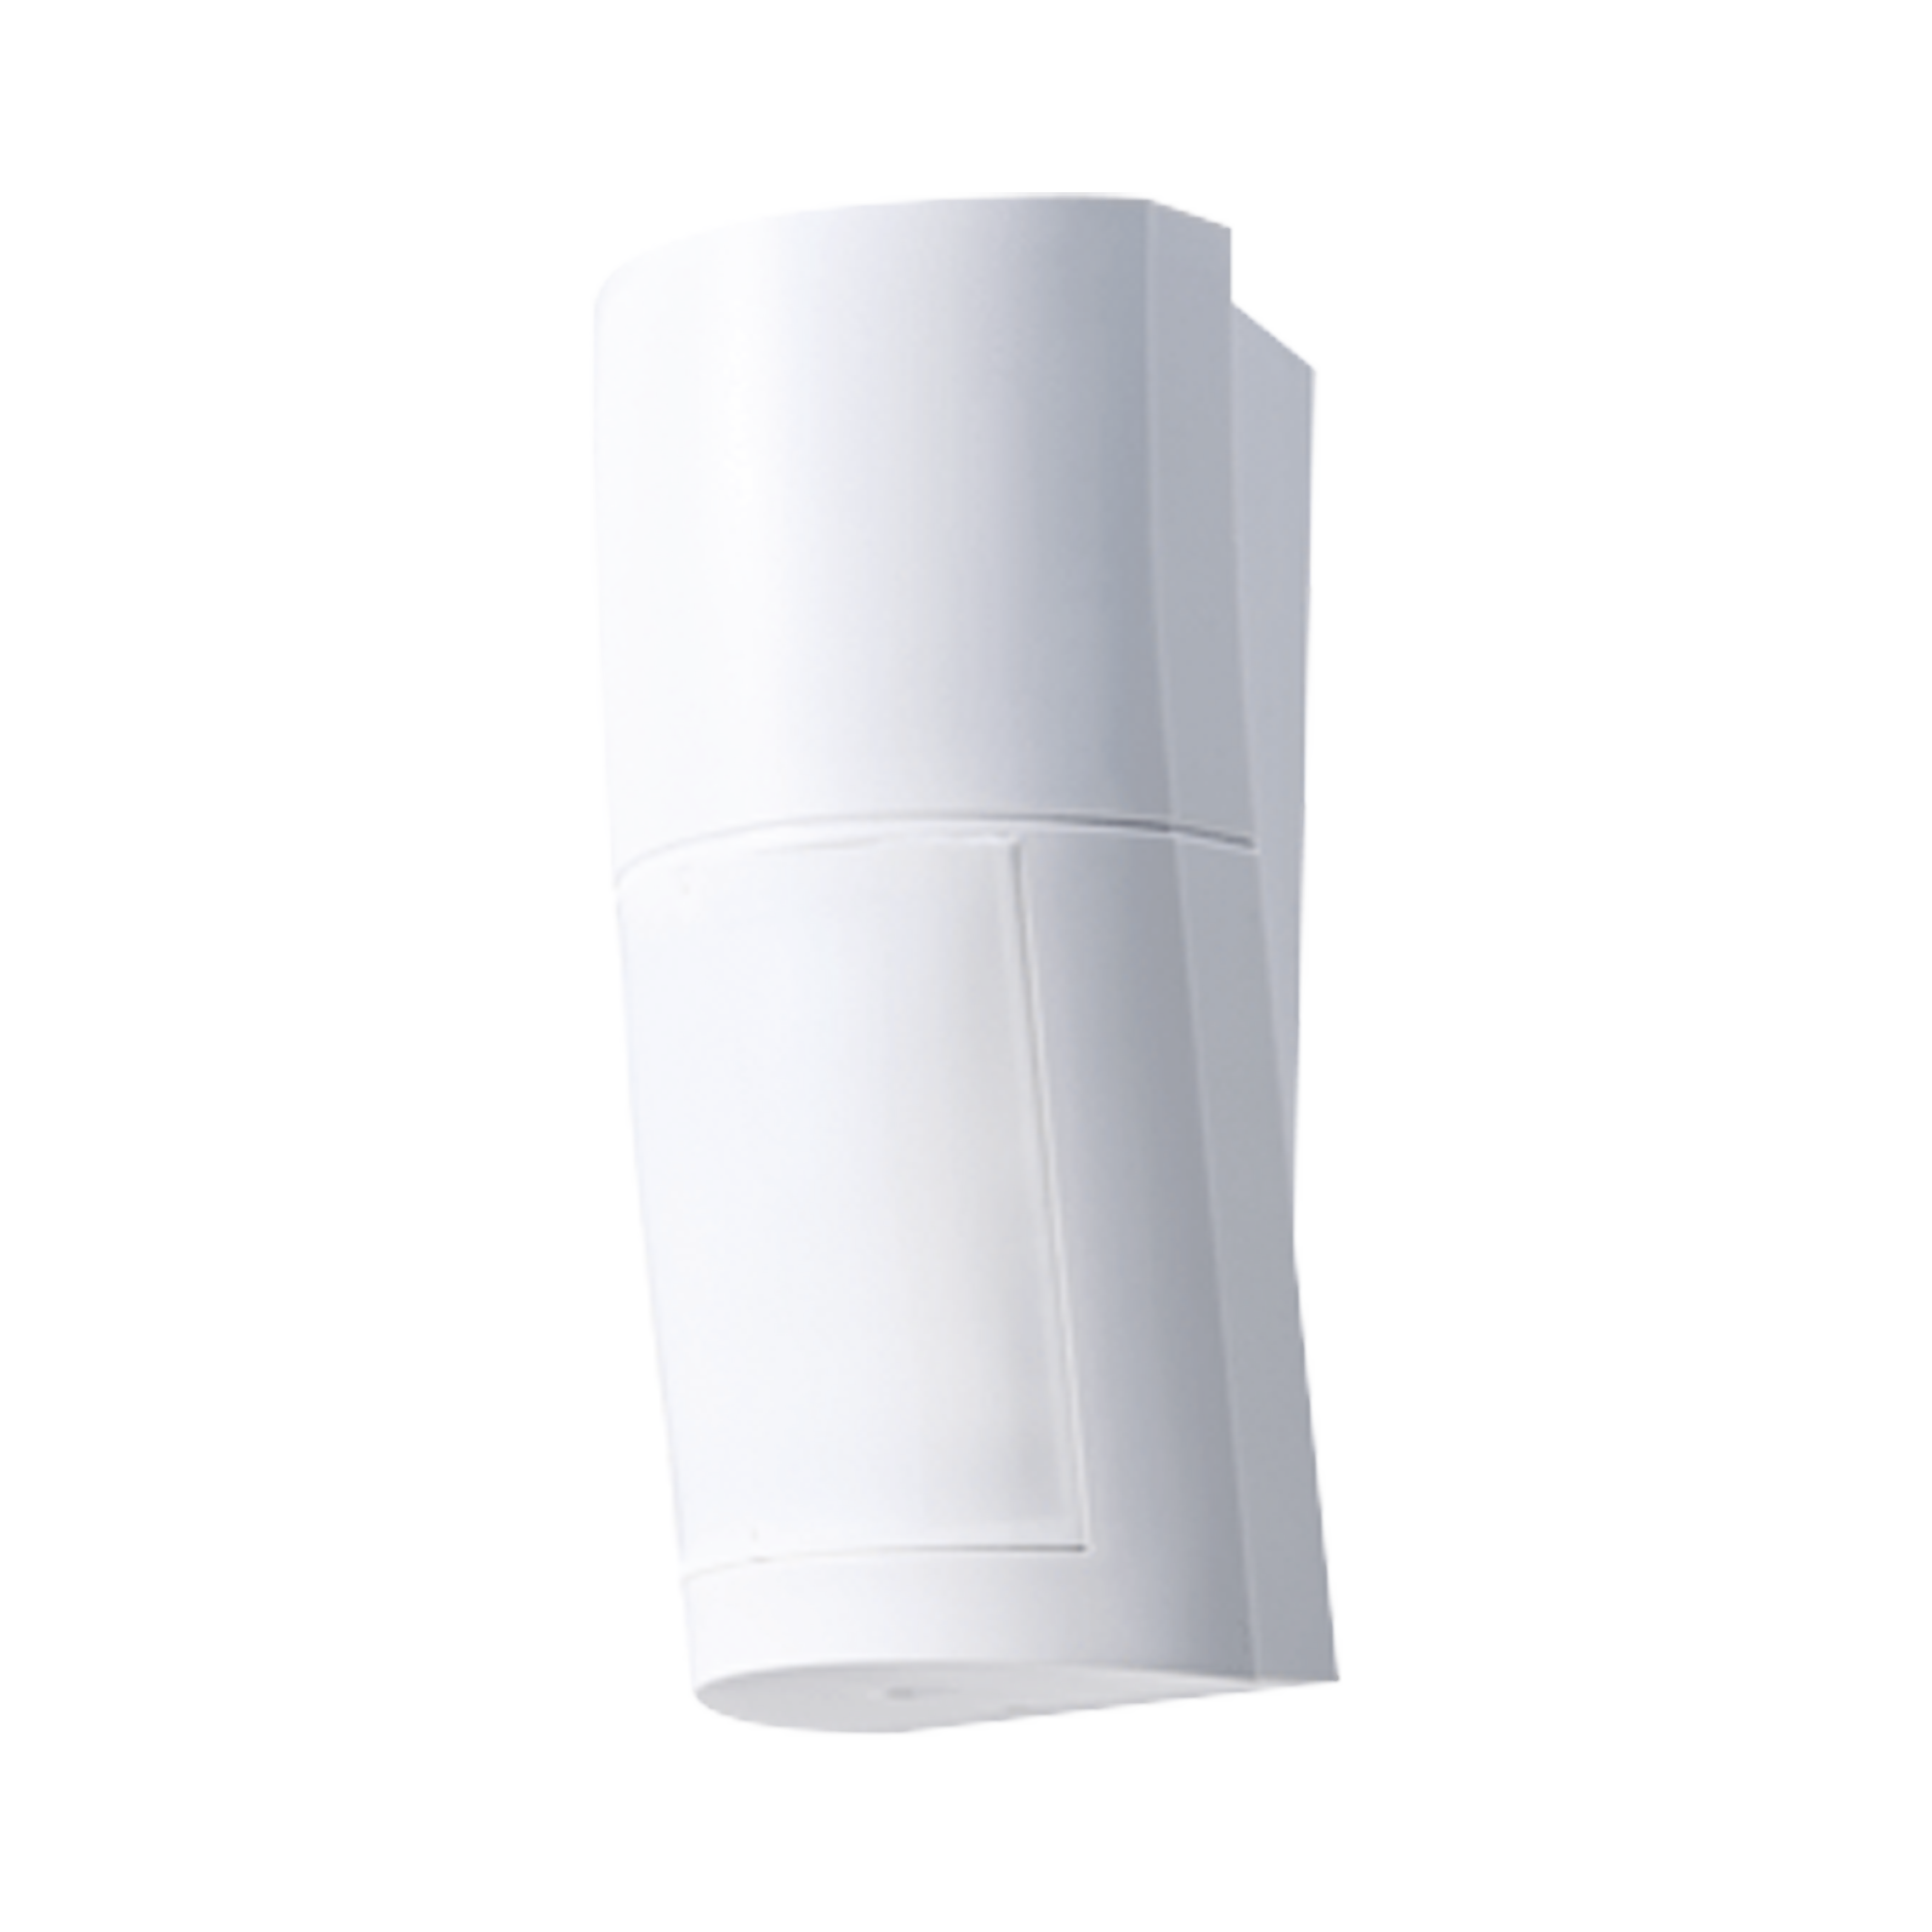 Detector de Movimiento Pasivo / Inalambrico (alimentacion) / Altura de montaje 0.8m a 2.7 m  ajustable  / 100% Exterior / Compatible con cualquier panel de alarma